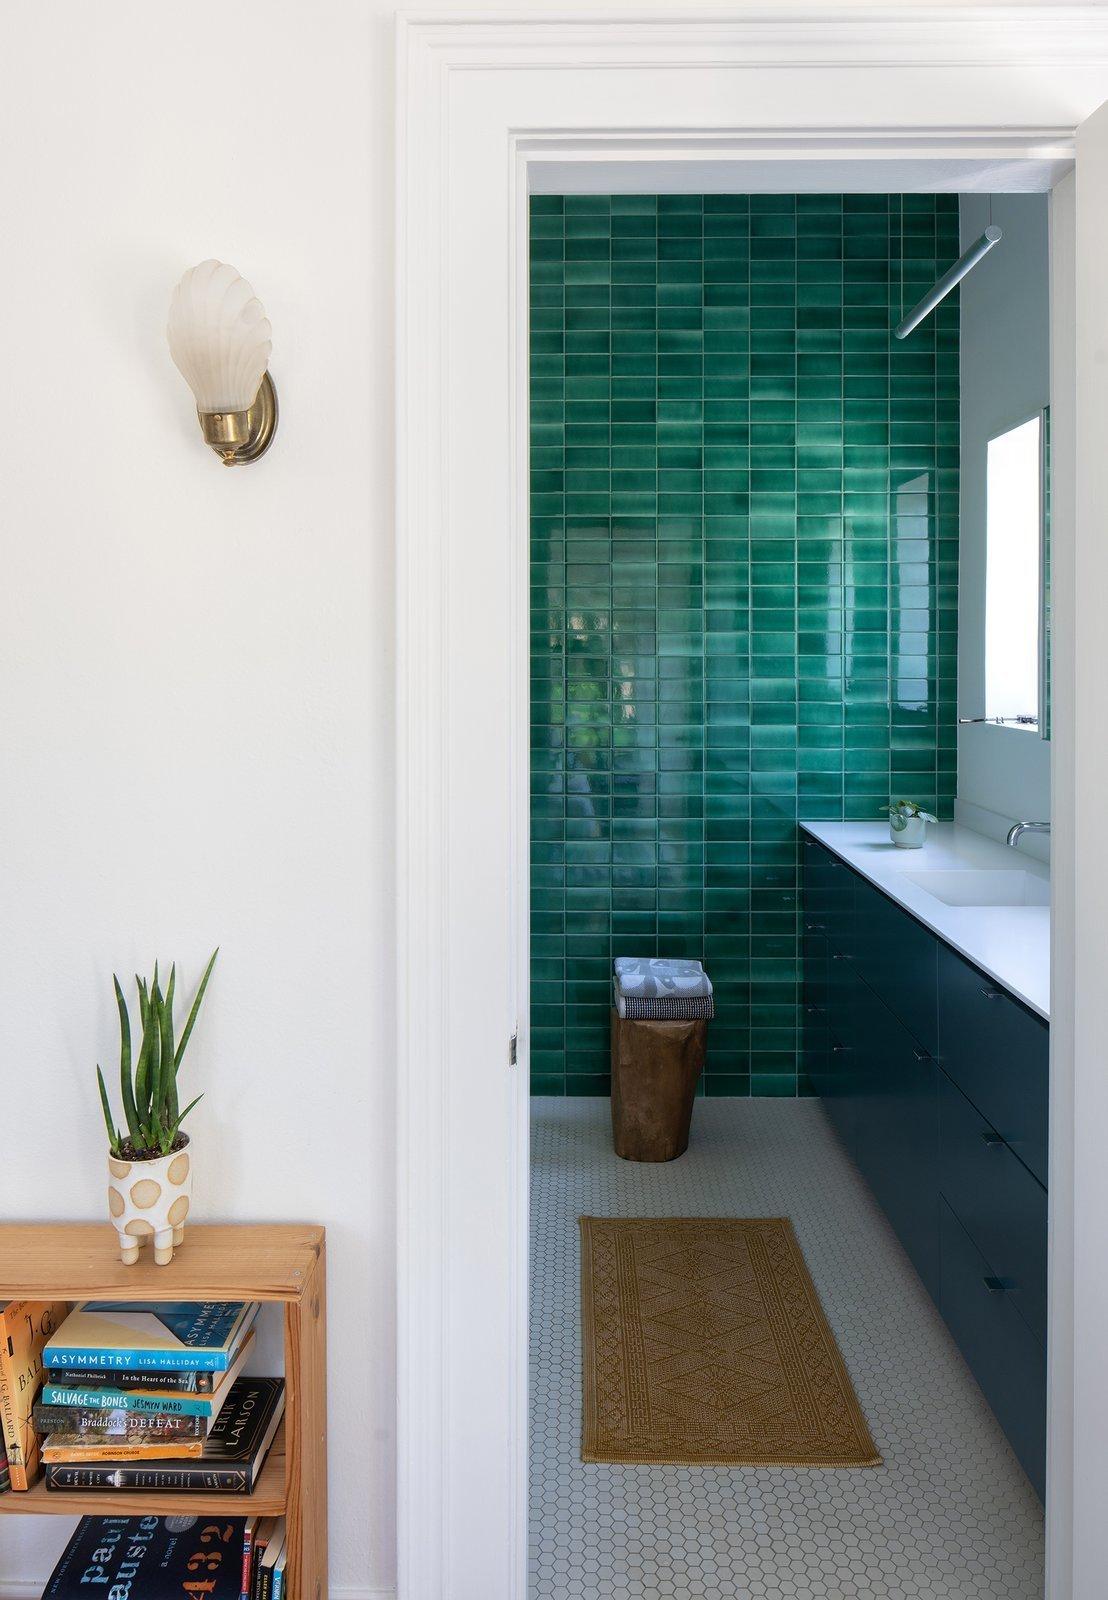 Dundee House bathroom